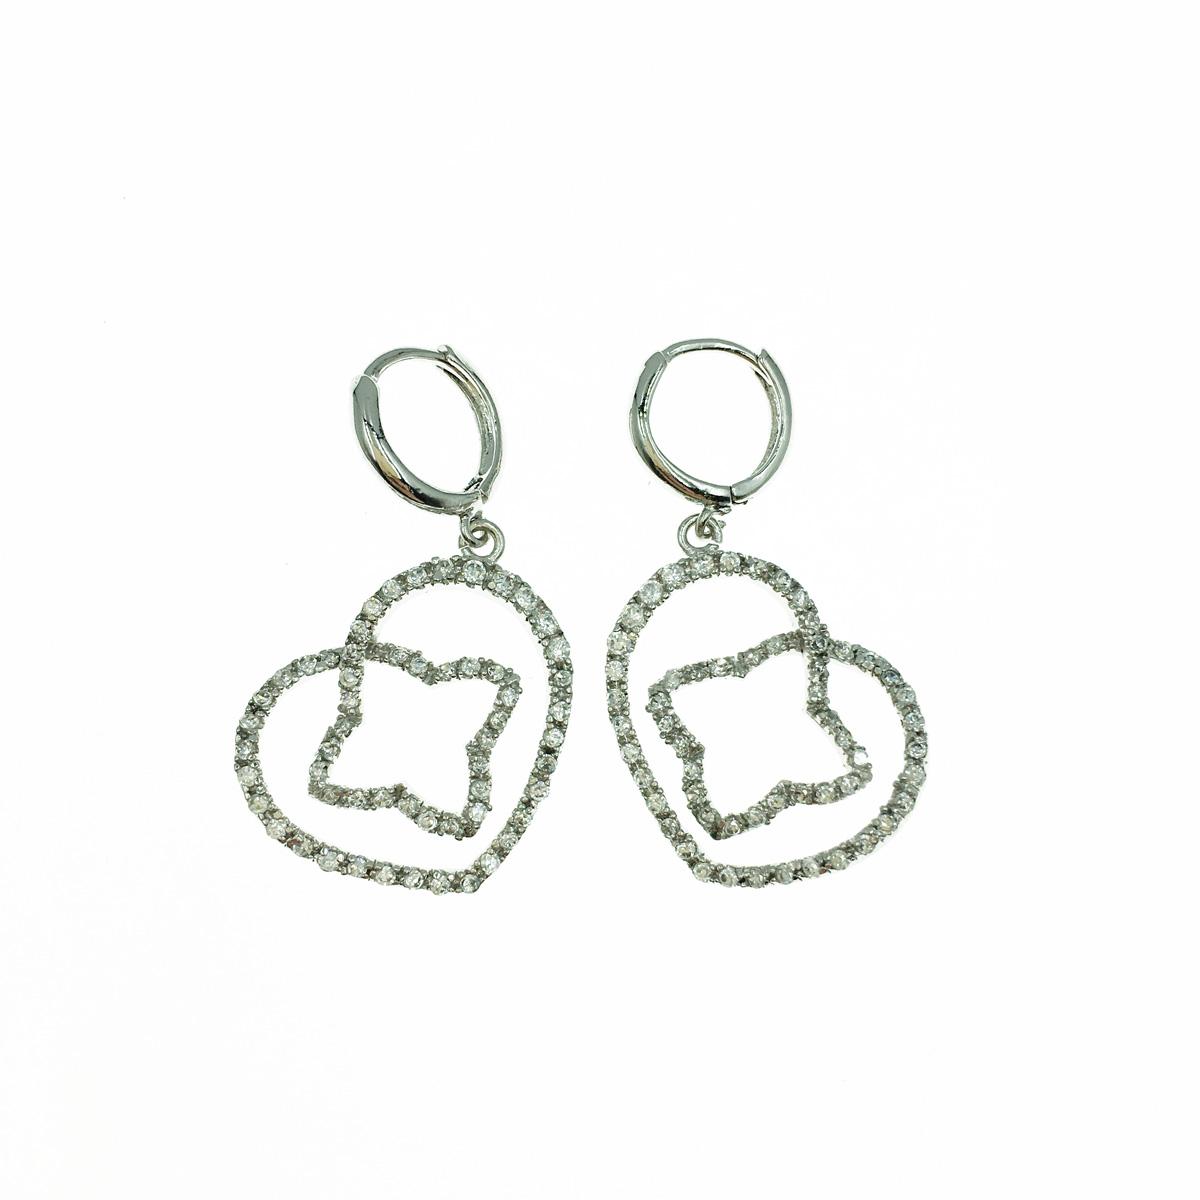 愛心框 手裡劍 俏皮 鑲鑽 水鑽 白鑽 銀色 耳針耳環 採用施華洛世奇水晶元素 Crystals from Swarovski